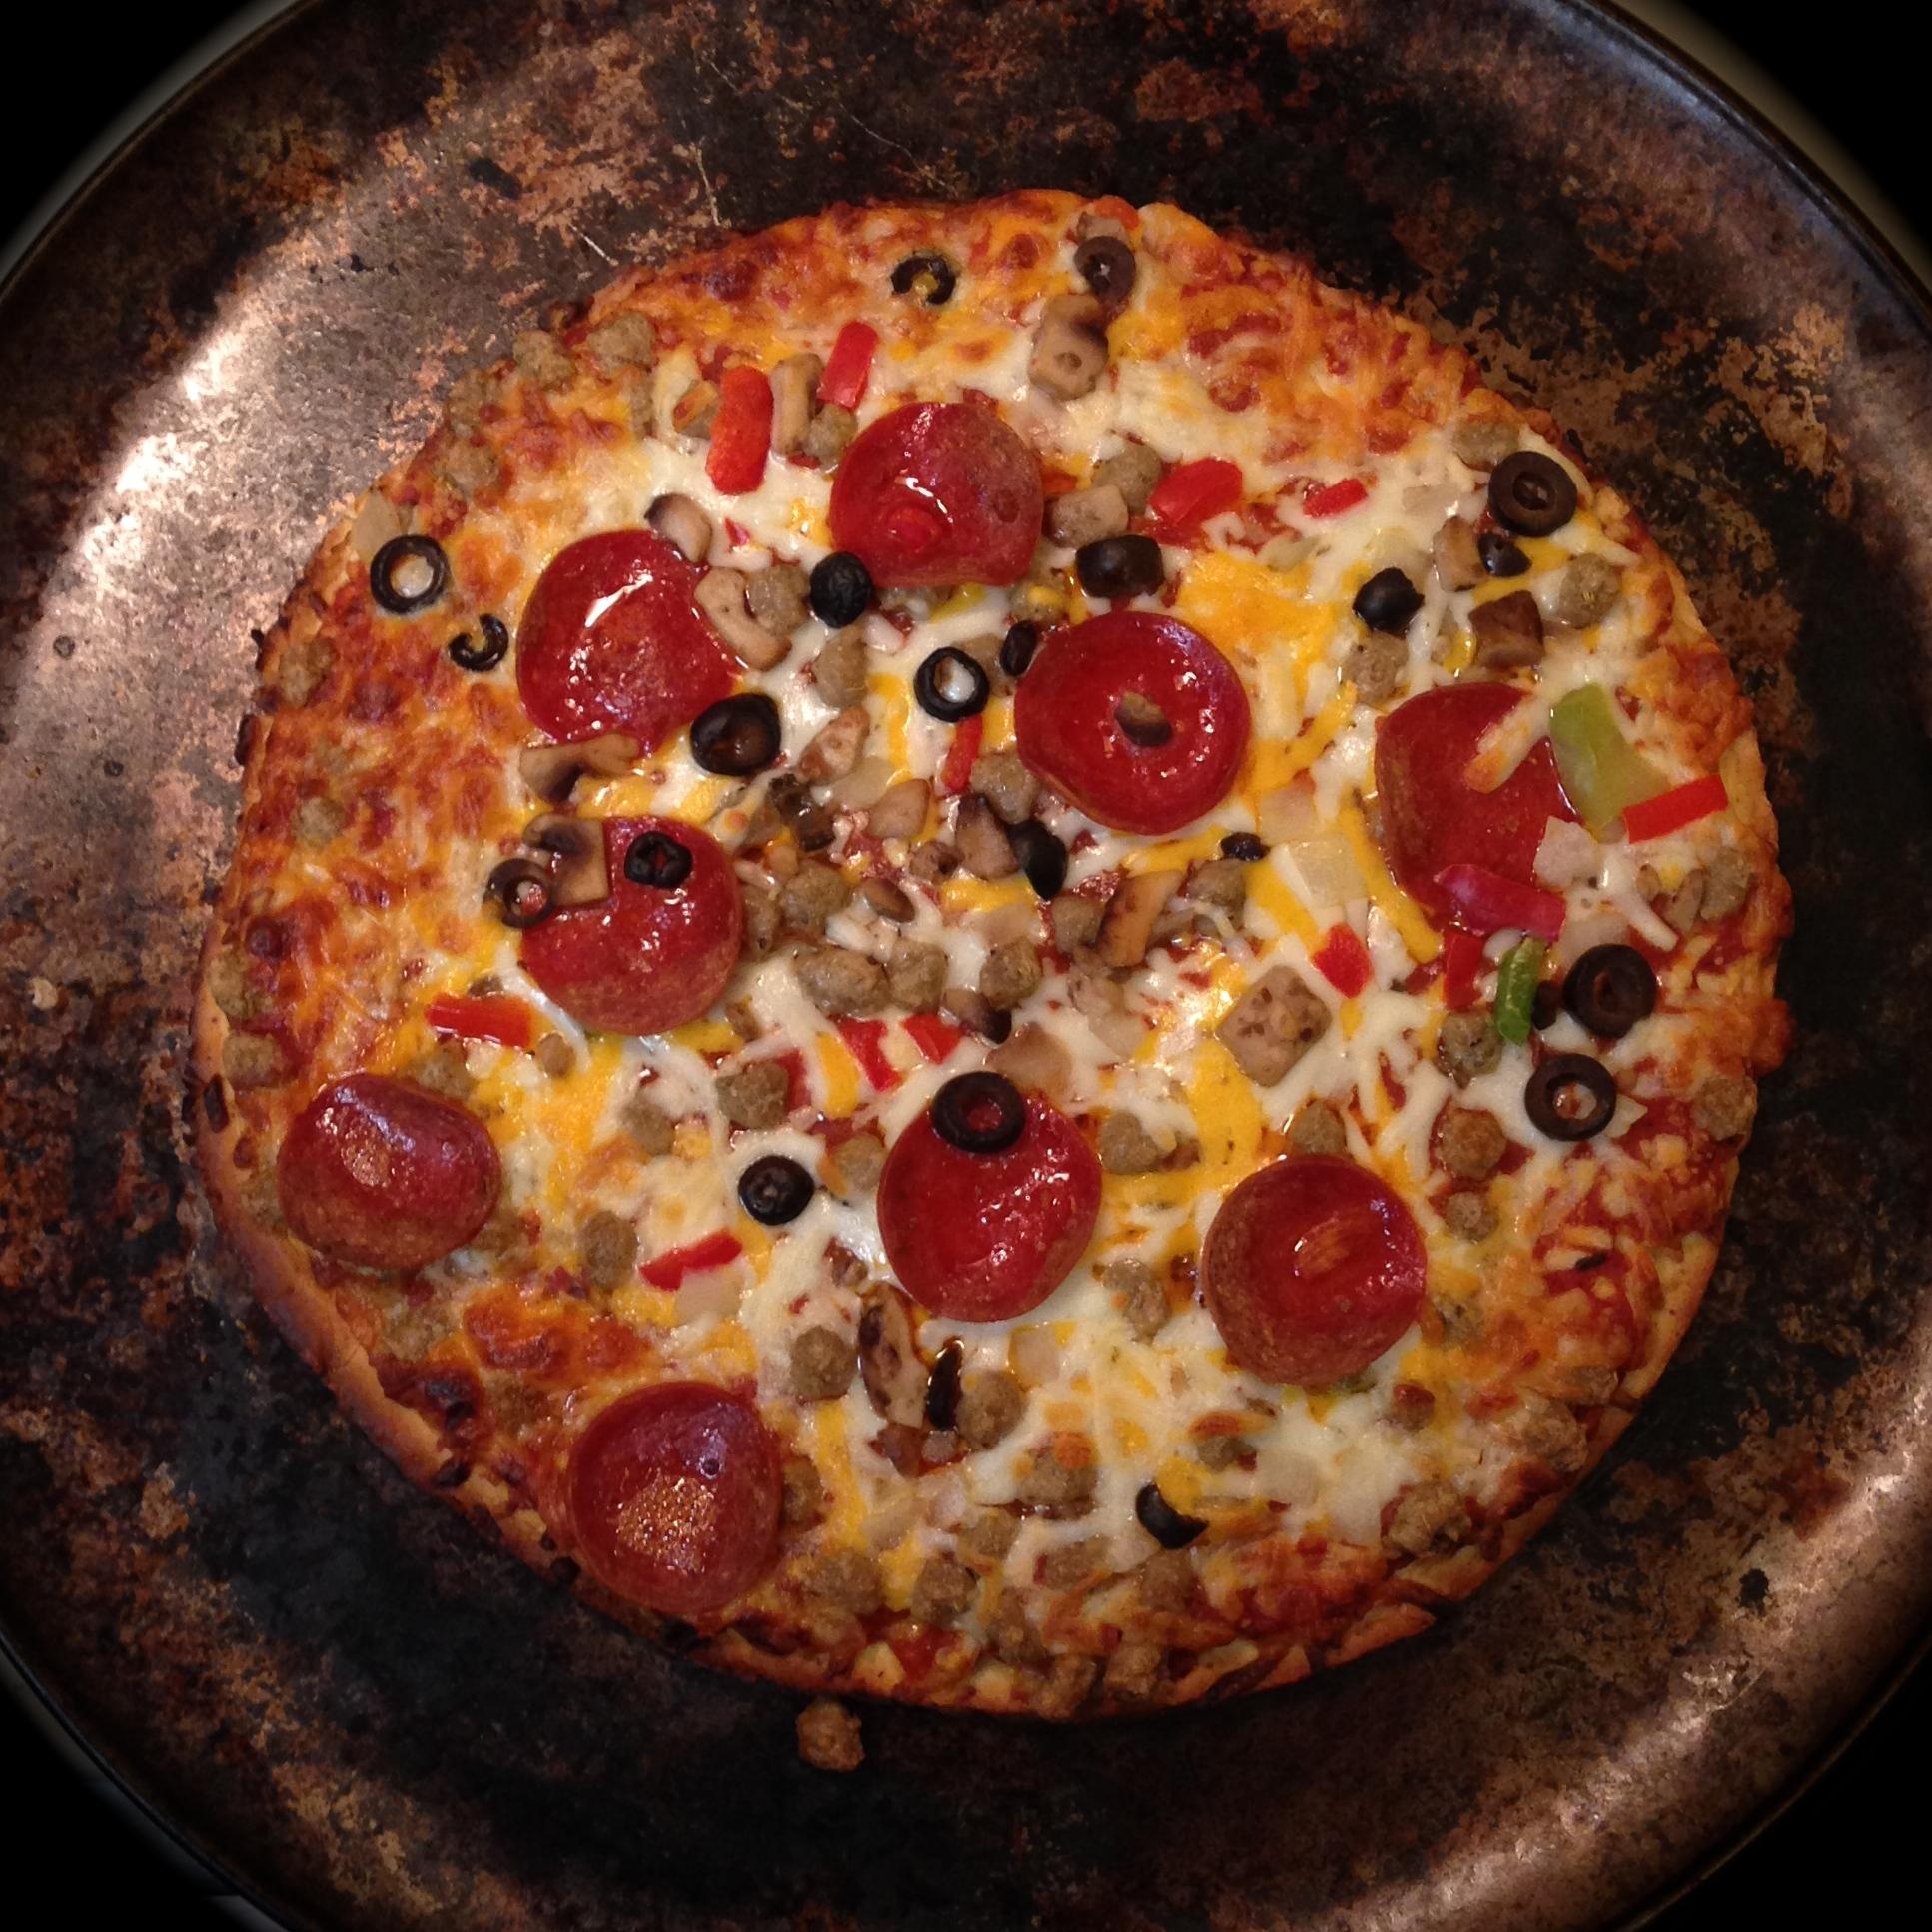 Pizza Time Aurelville